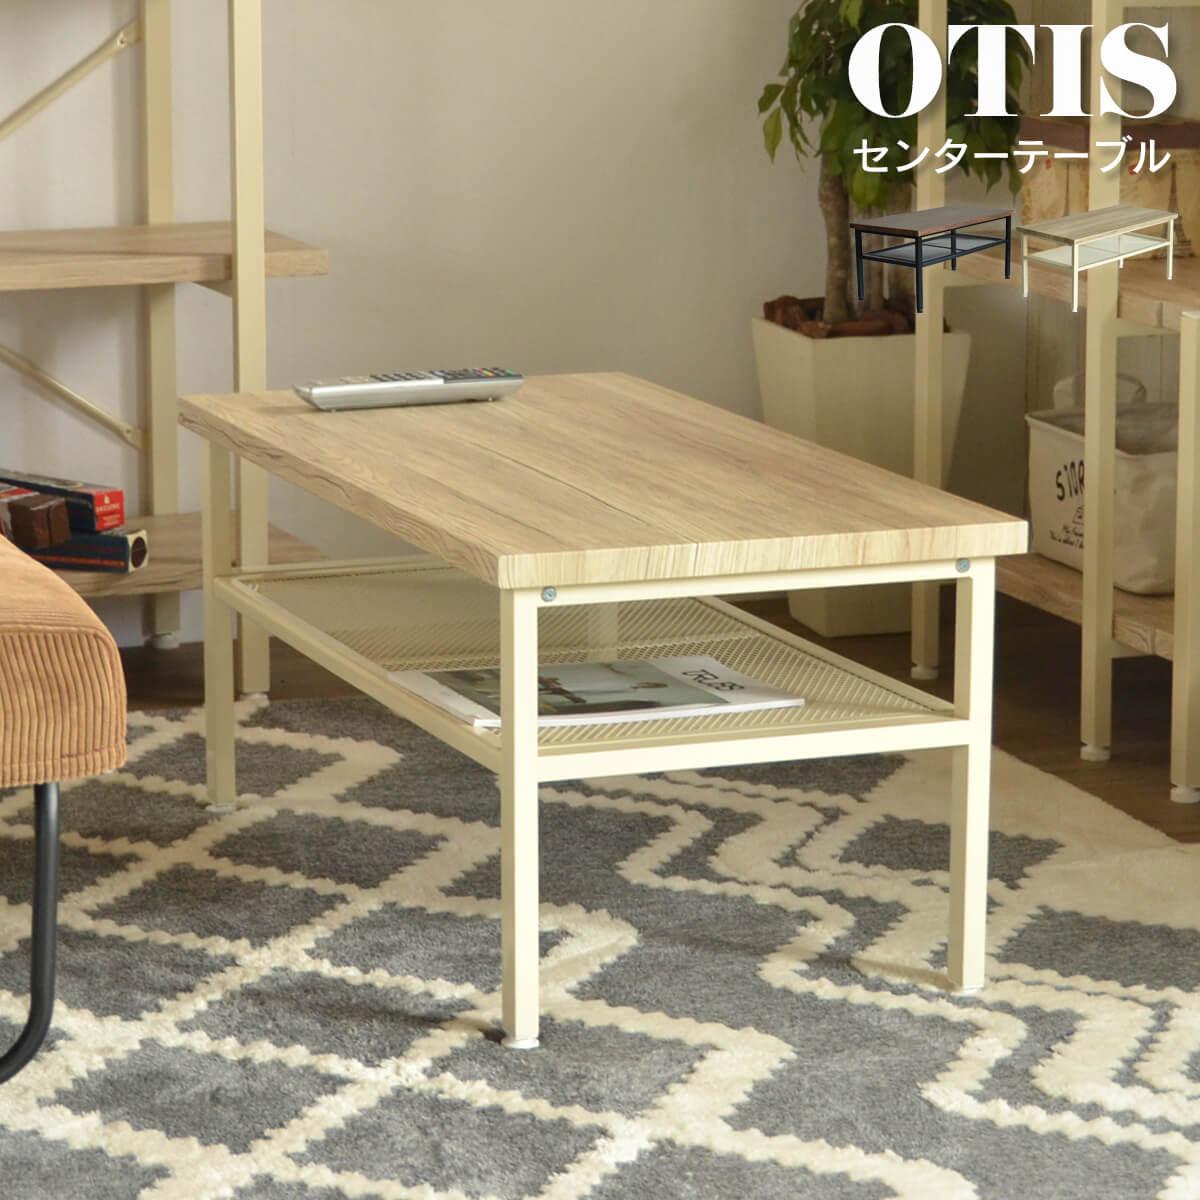 【送料無料】 OTIS オーティス センターテーブル 幅90 ローテーブル アイアン リビング おしゃれ デザイン カフェ OTCT-90